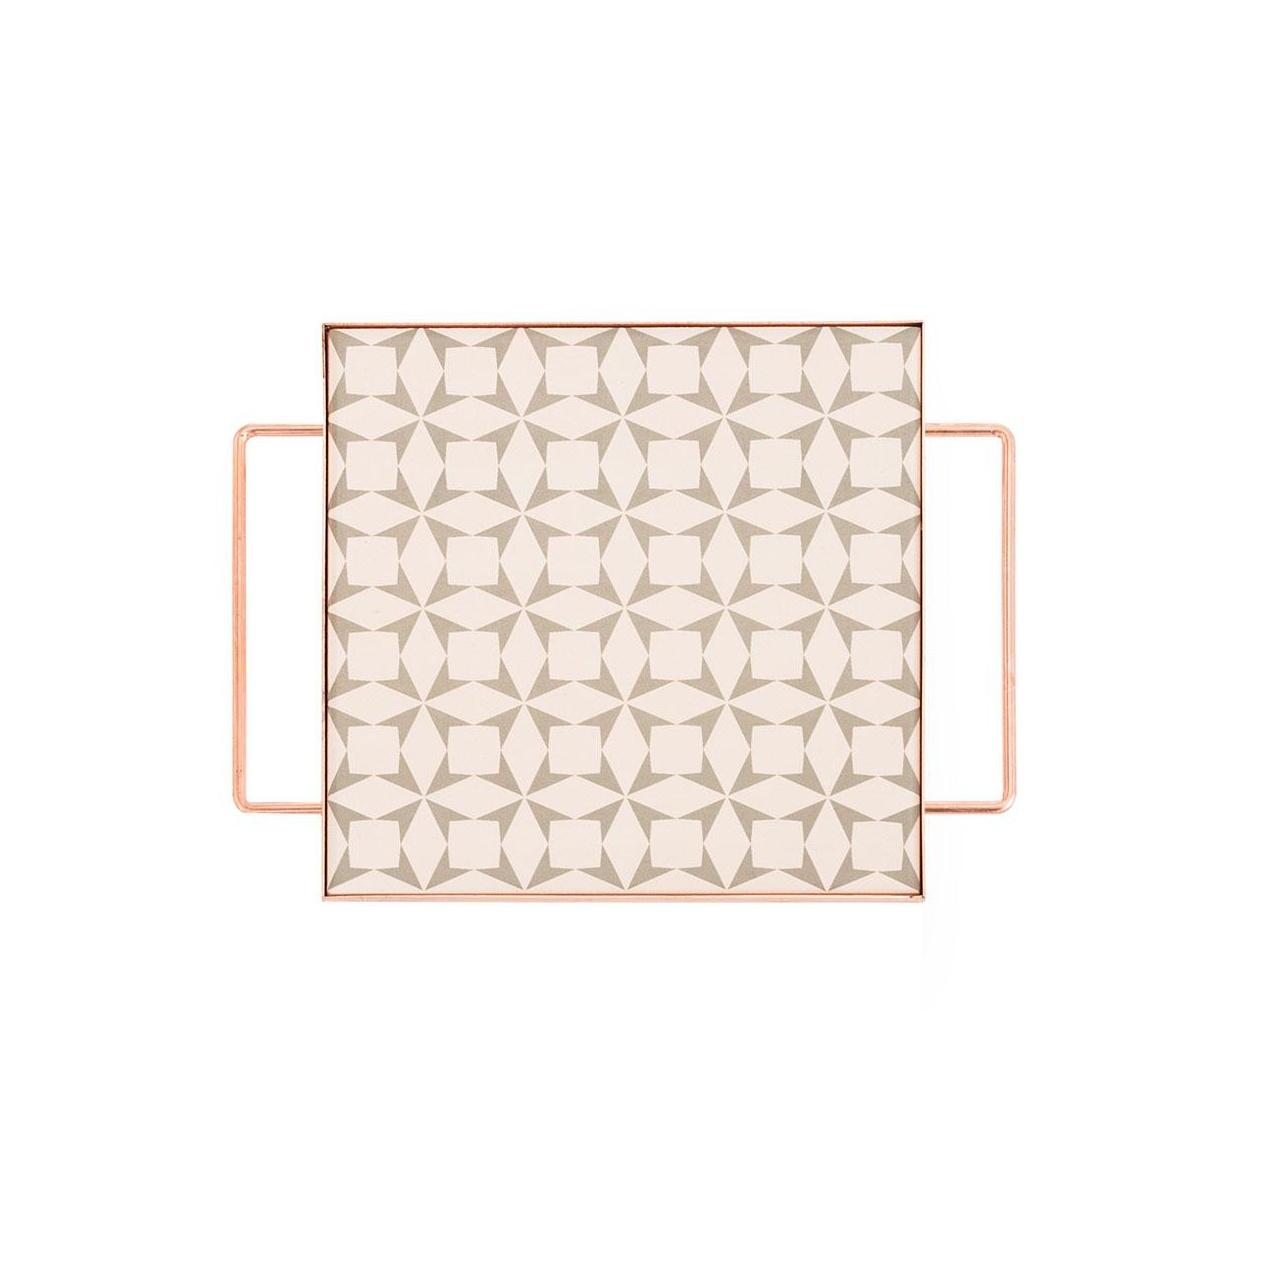 GAN - Mix&Match Tablett quadratisch 20x20cm - grau/26x20x6,5H cm/mit Füßen günstig online kaufen